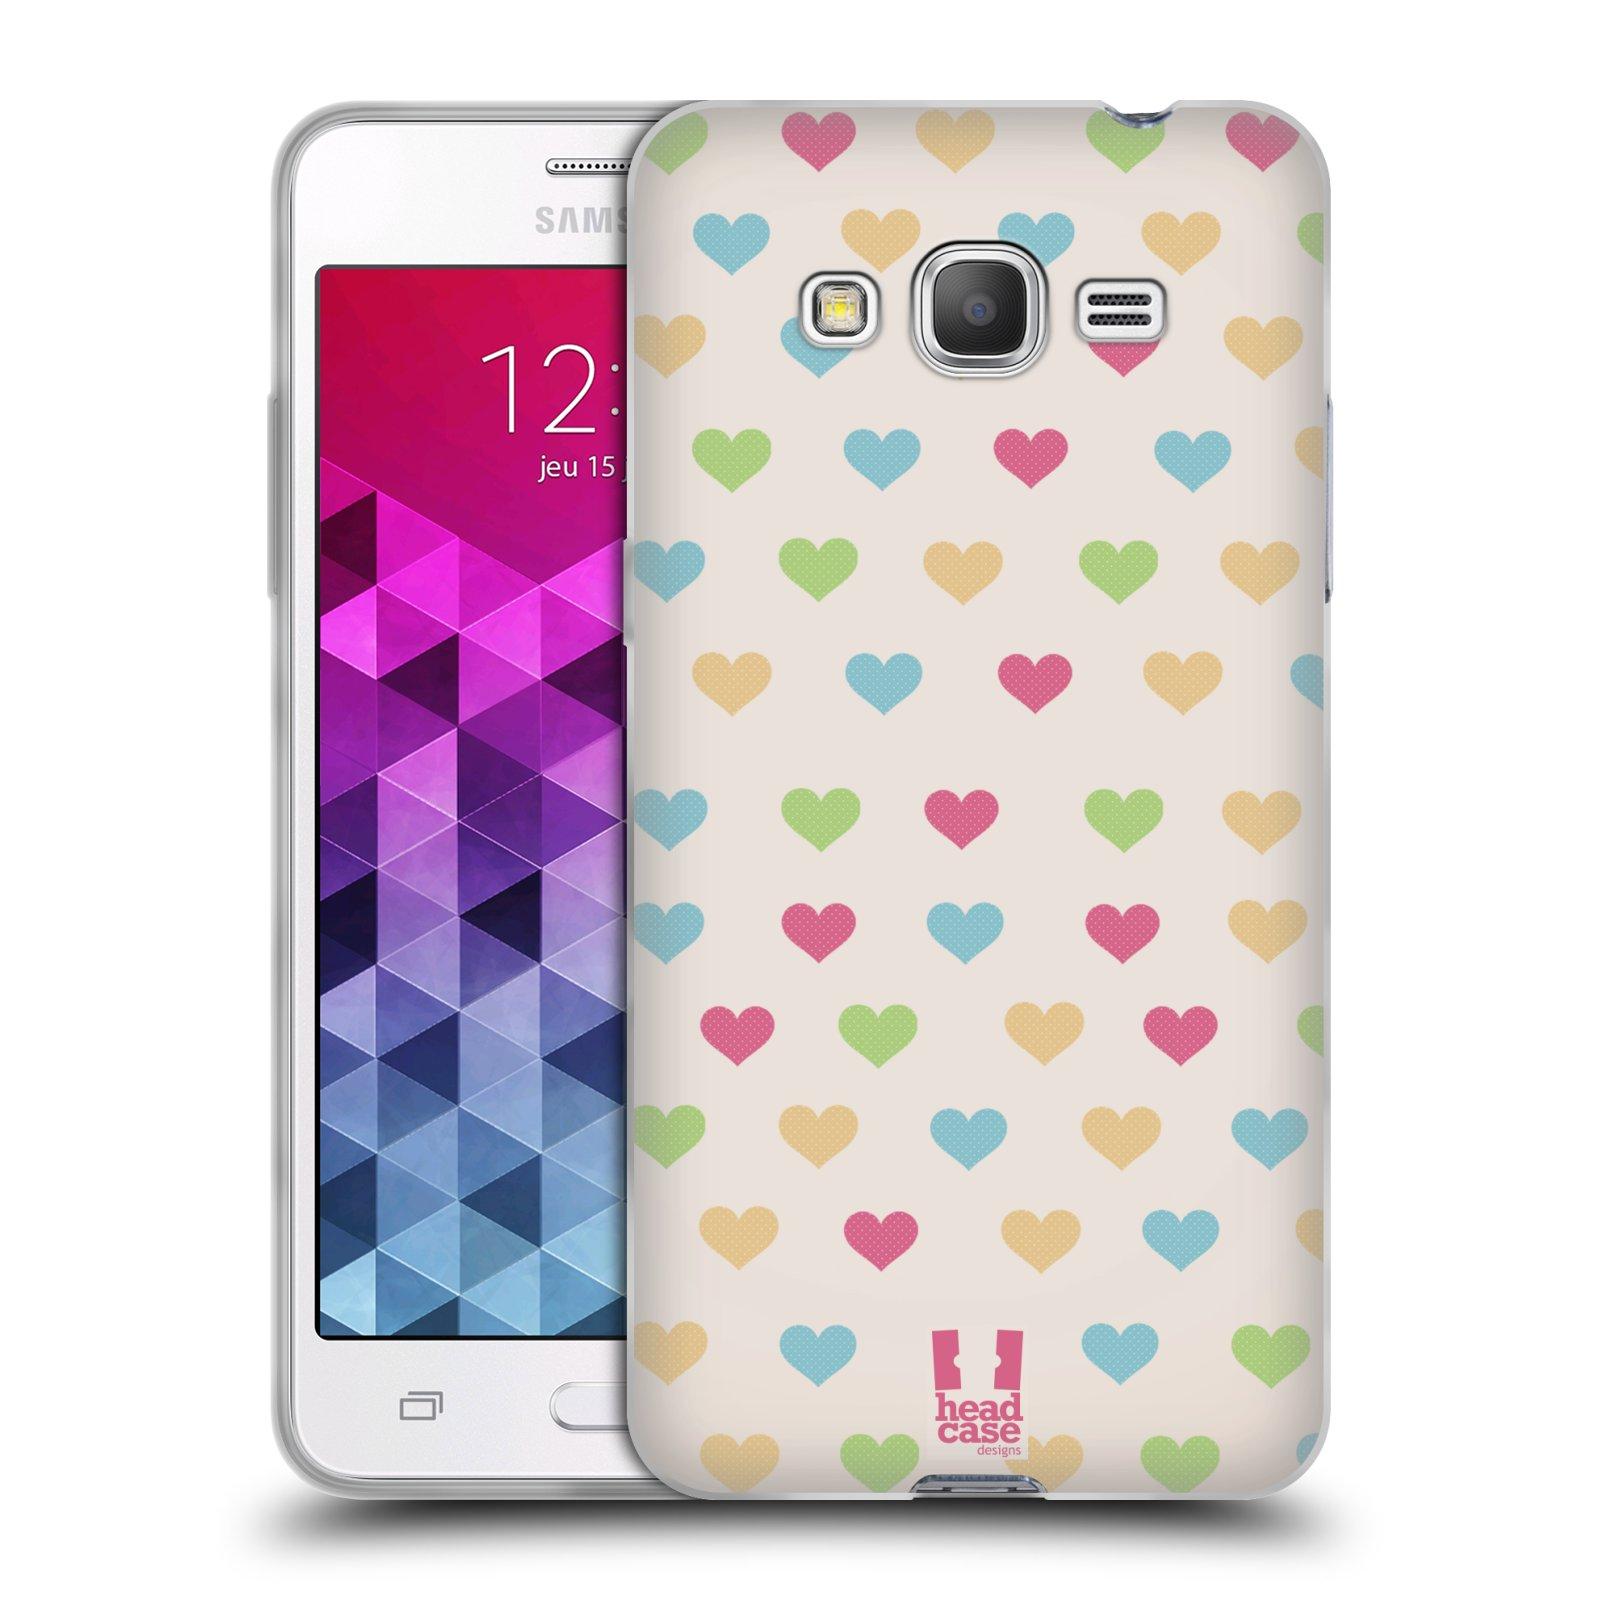 Silikonové pouzdro na mobil Samsung Galaxy Grand Prime VE HEAD CASE SRDÍČKA BAREVNÁ